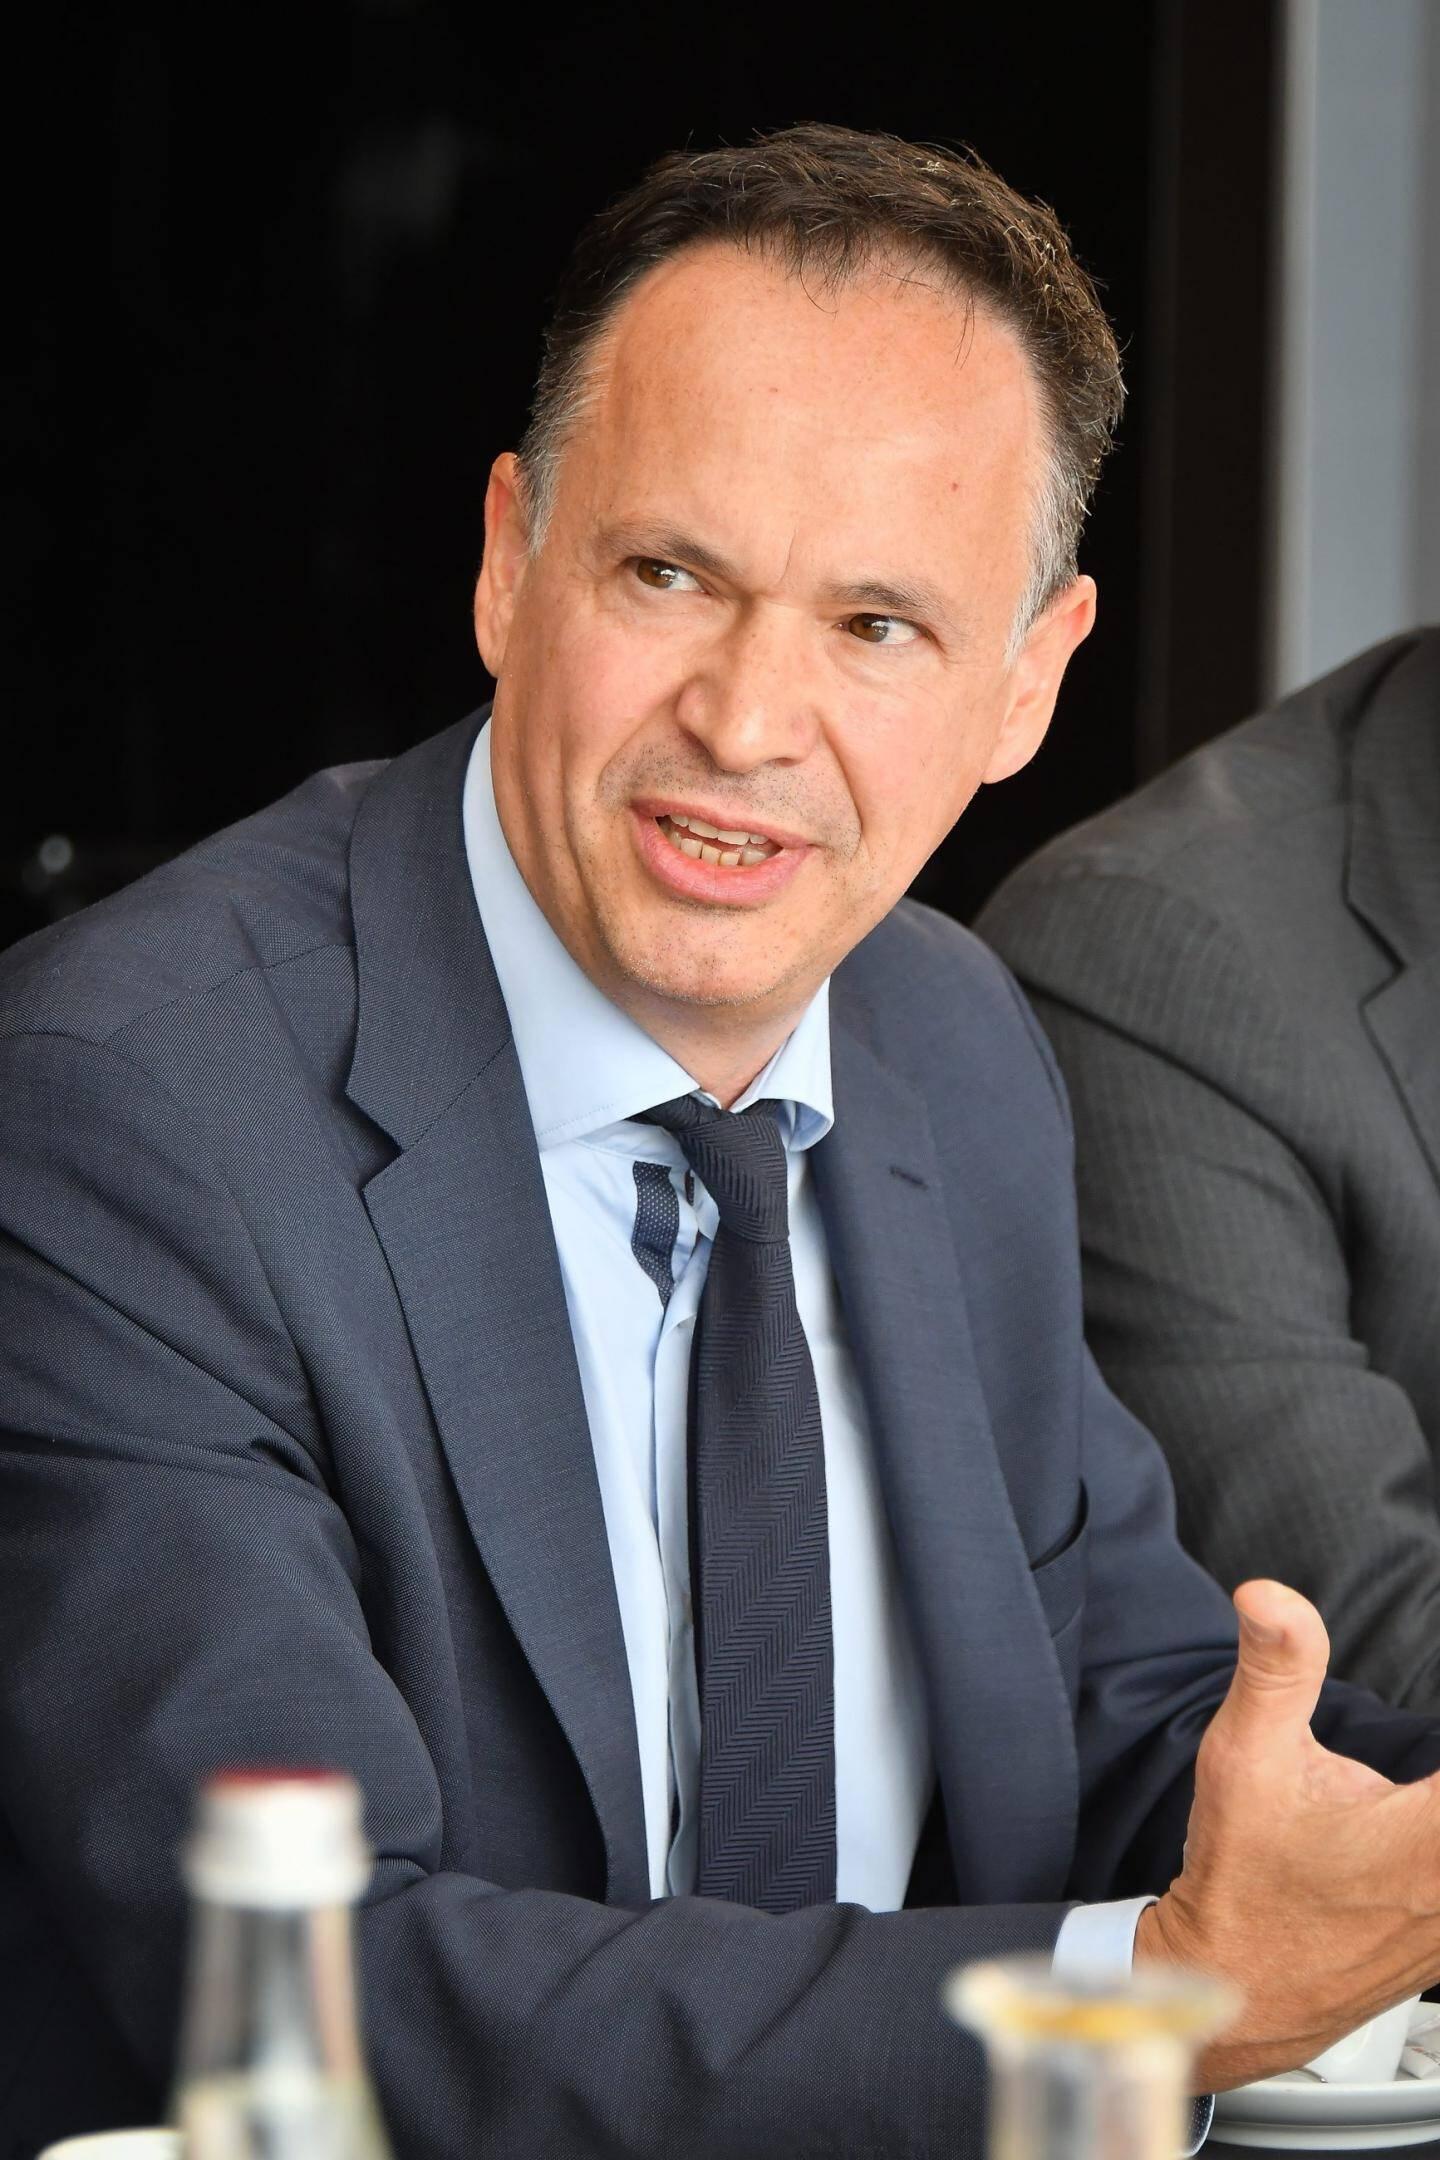 Michel Prost Dumont, Banque Populaire Méditerranée.